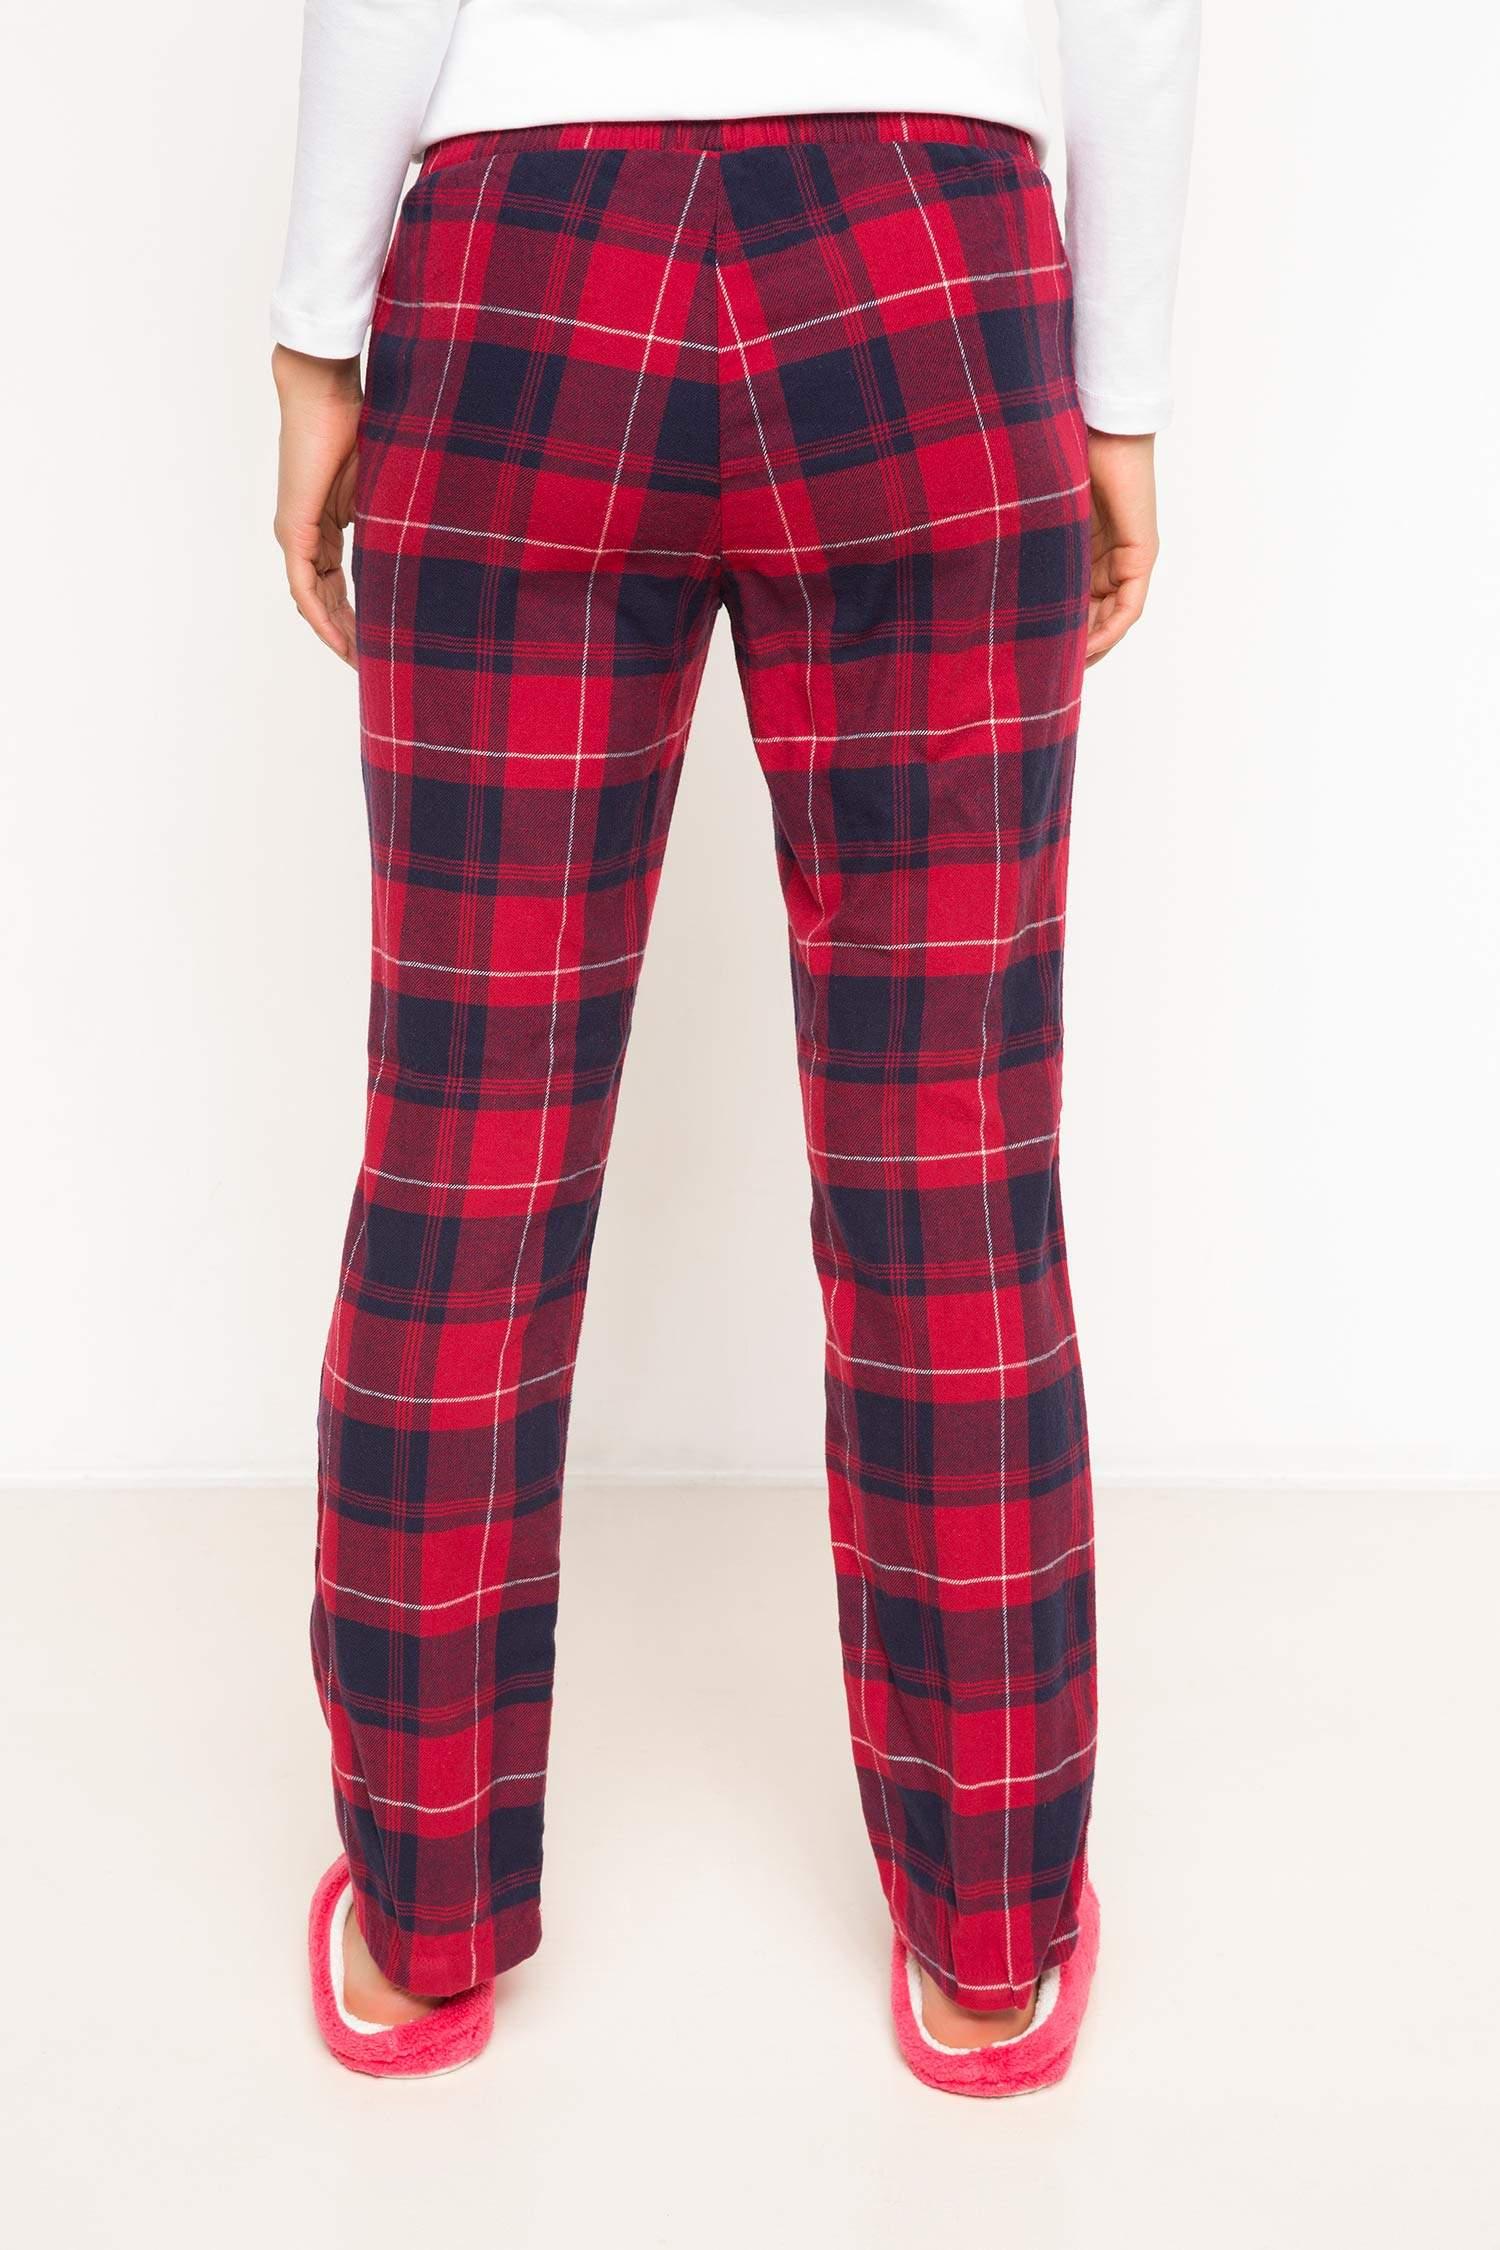 bacbb647cc700 Kırmızı Kadın Kareli Pijama Altı 785865 | DeFacto